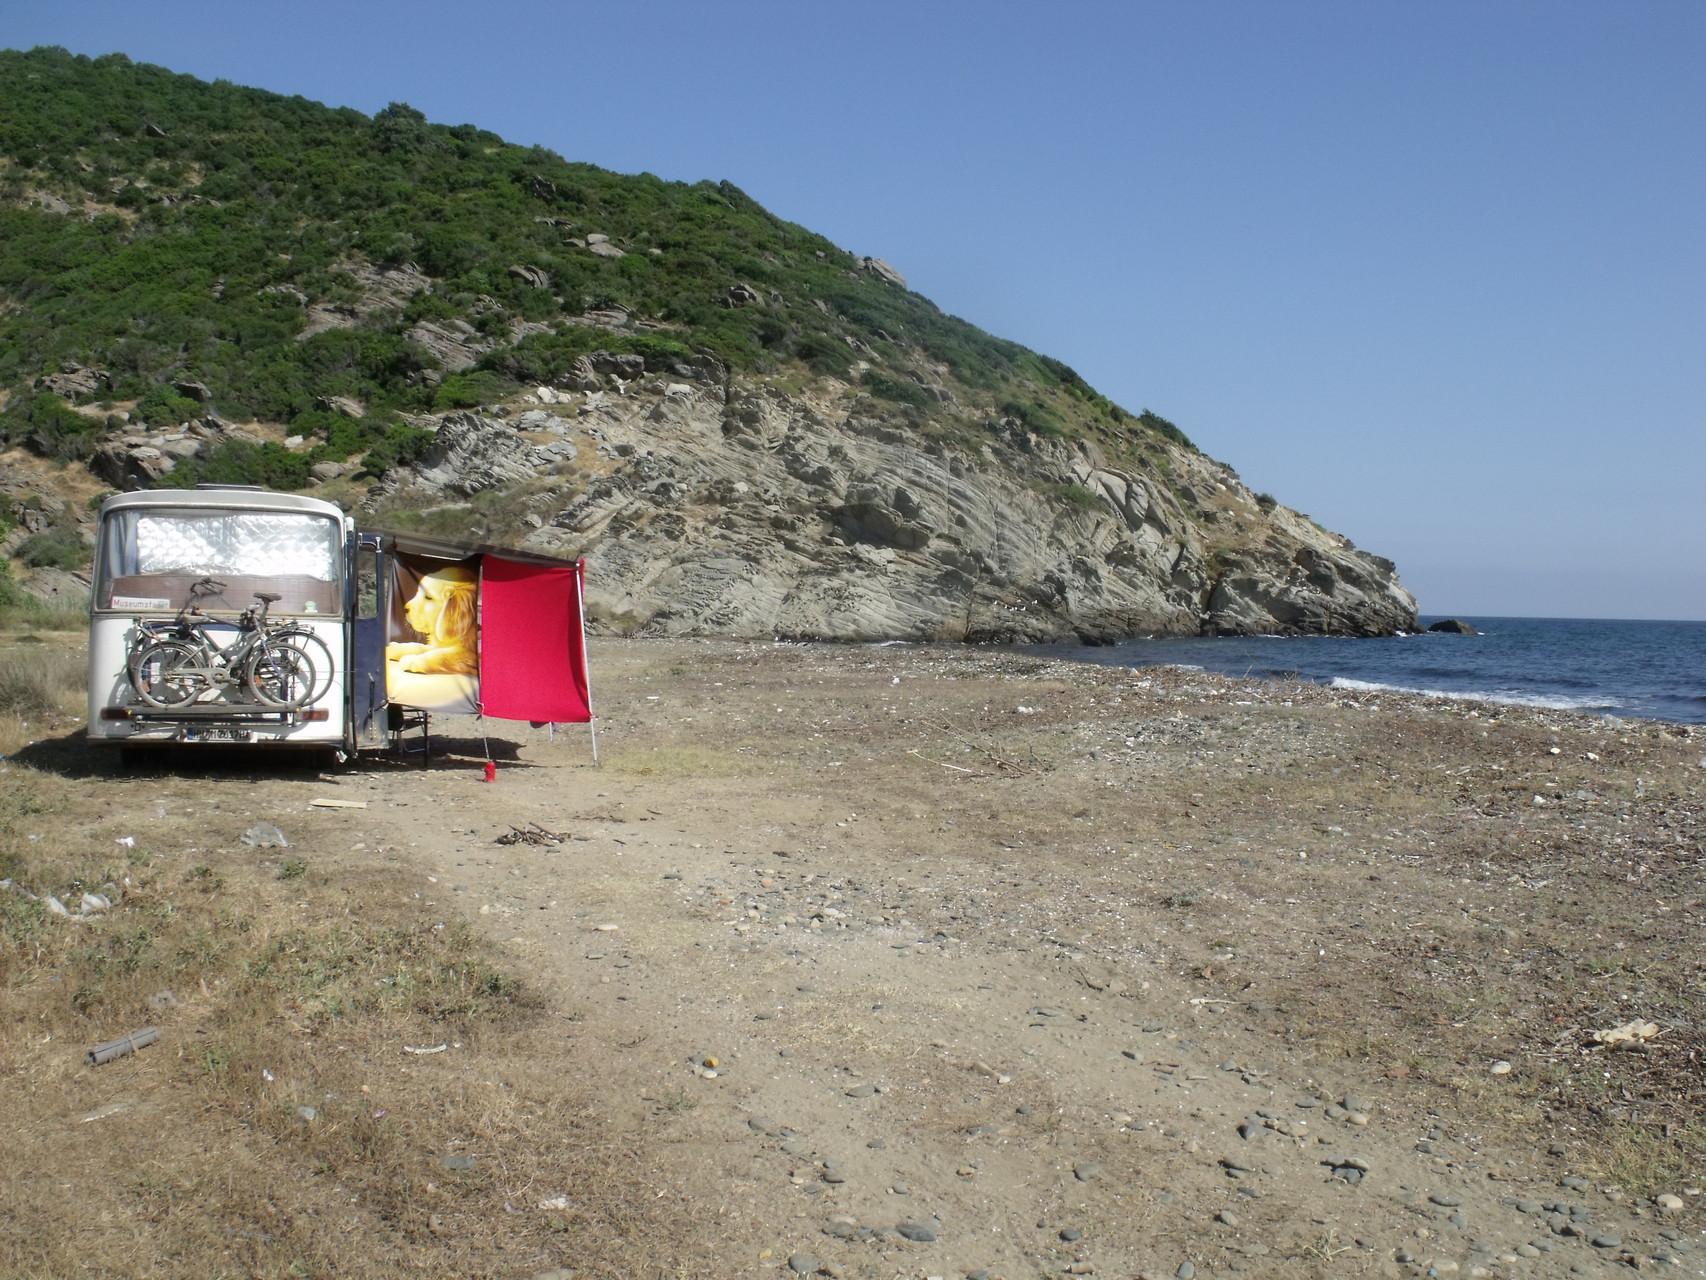 Abgelegener Strand auf der Halbinsel Kapidaki, die Tücher dienen uns als Sonnenschutz